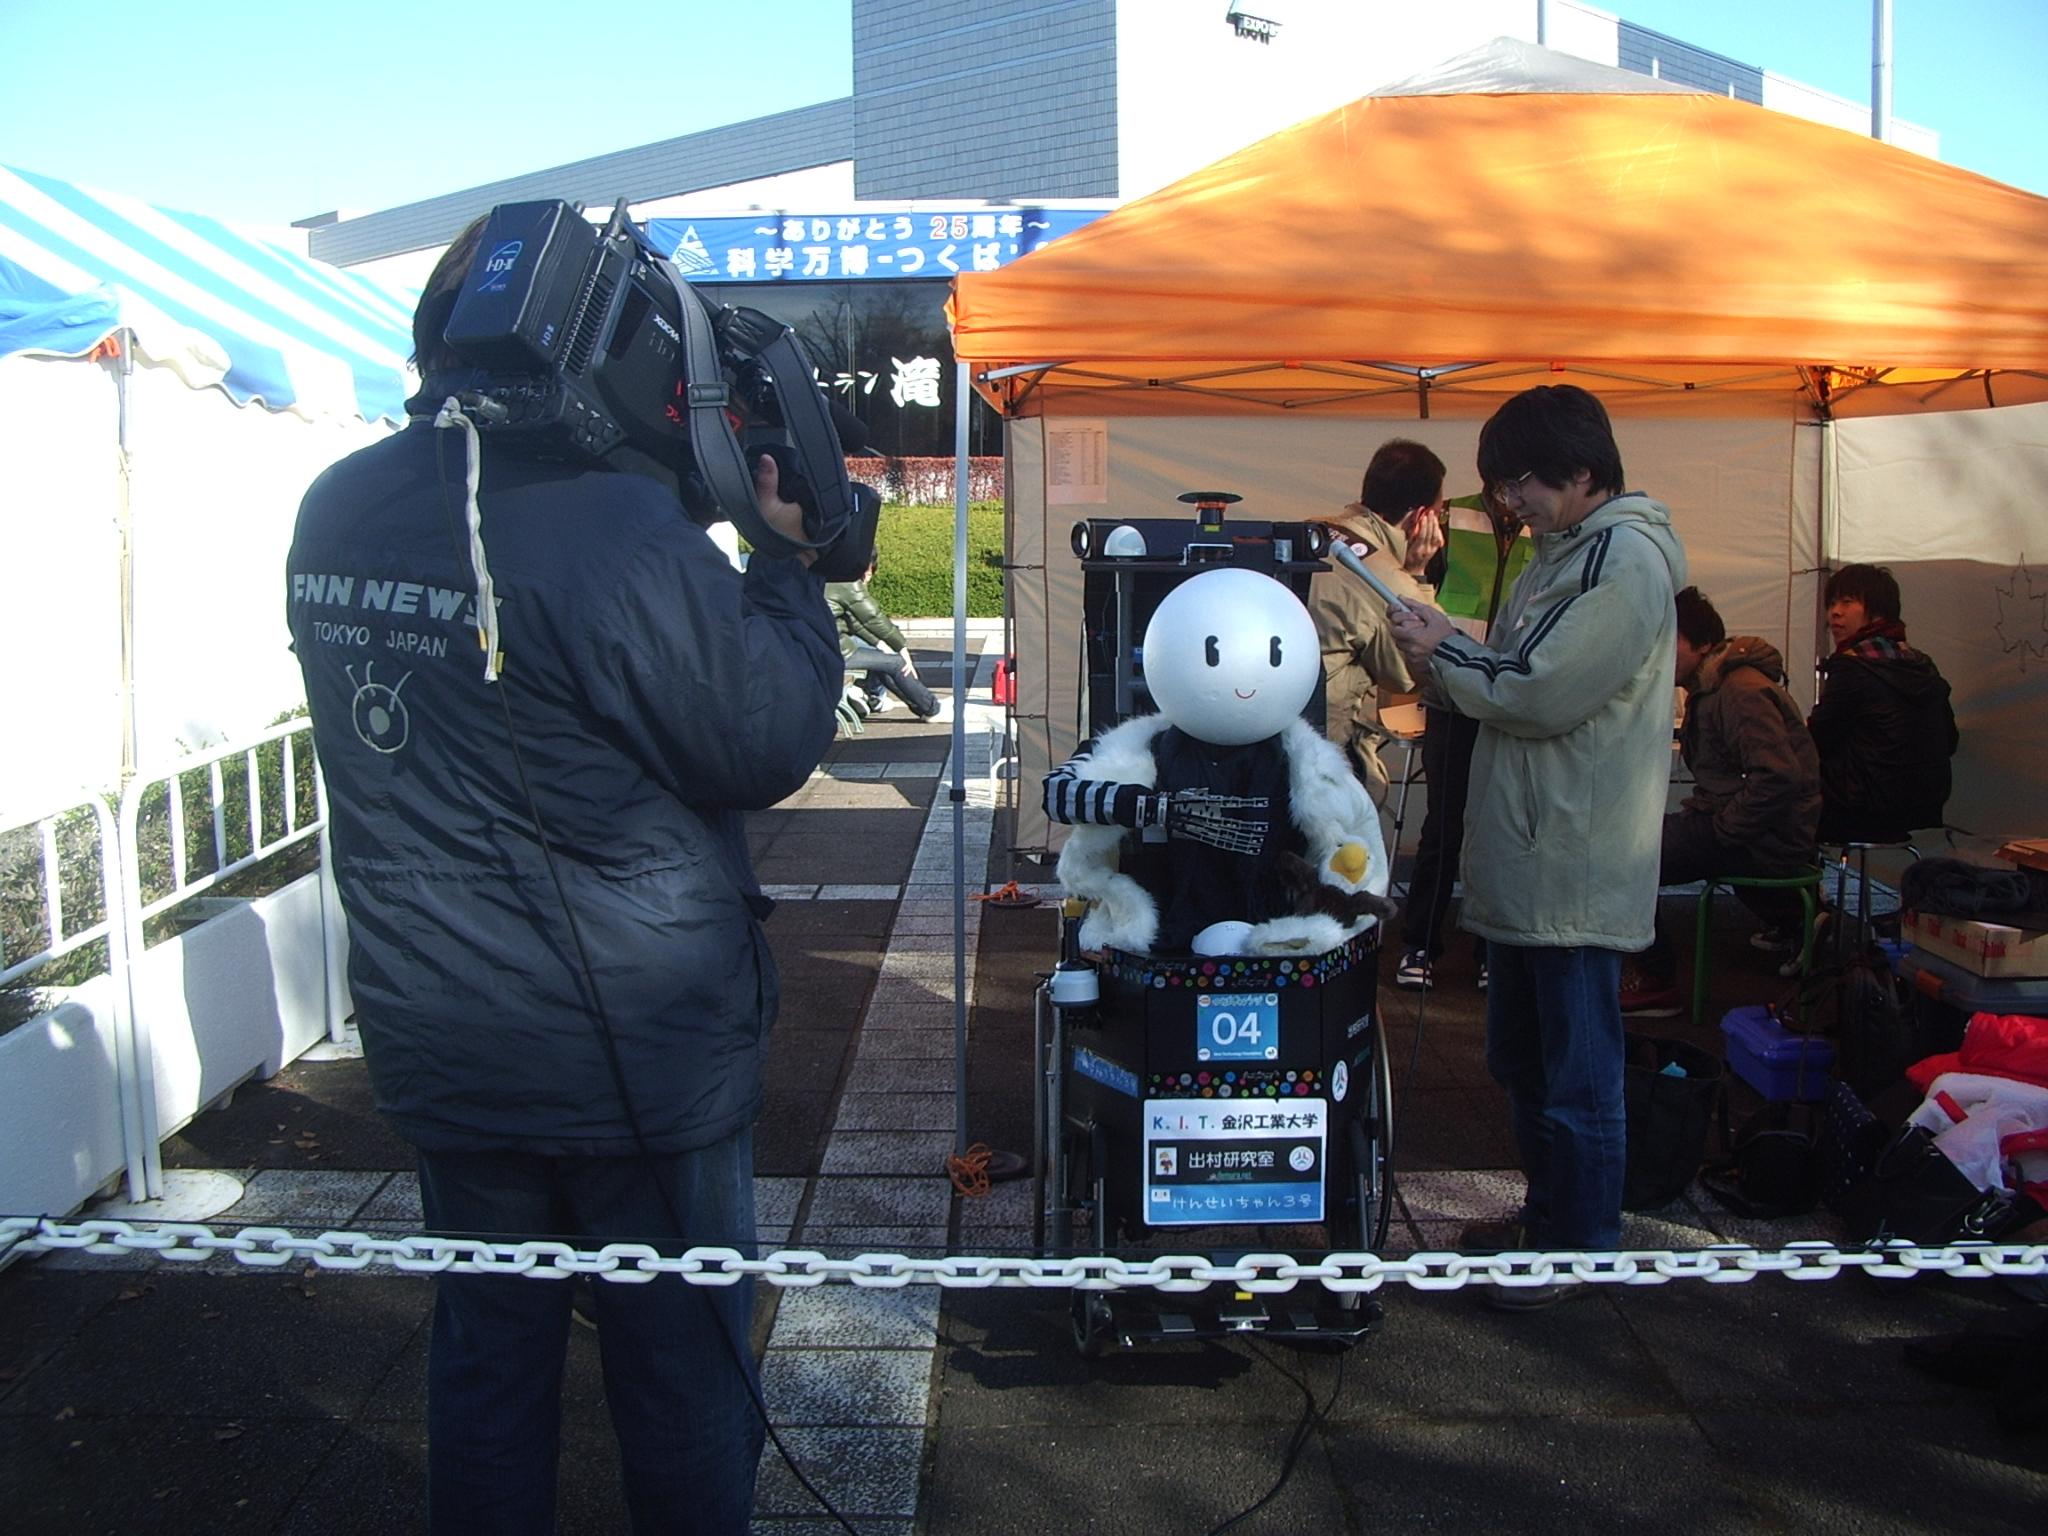 つくばチャレンジ2010: フジテレビの取材を受ける「けんせいちゃん3号機